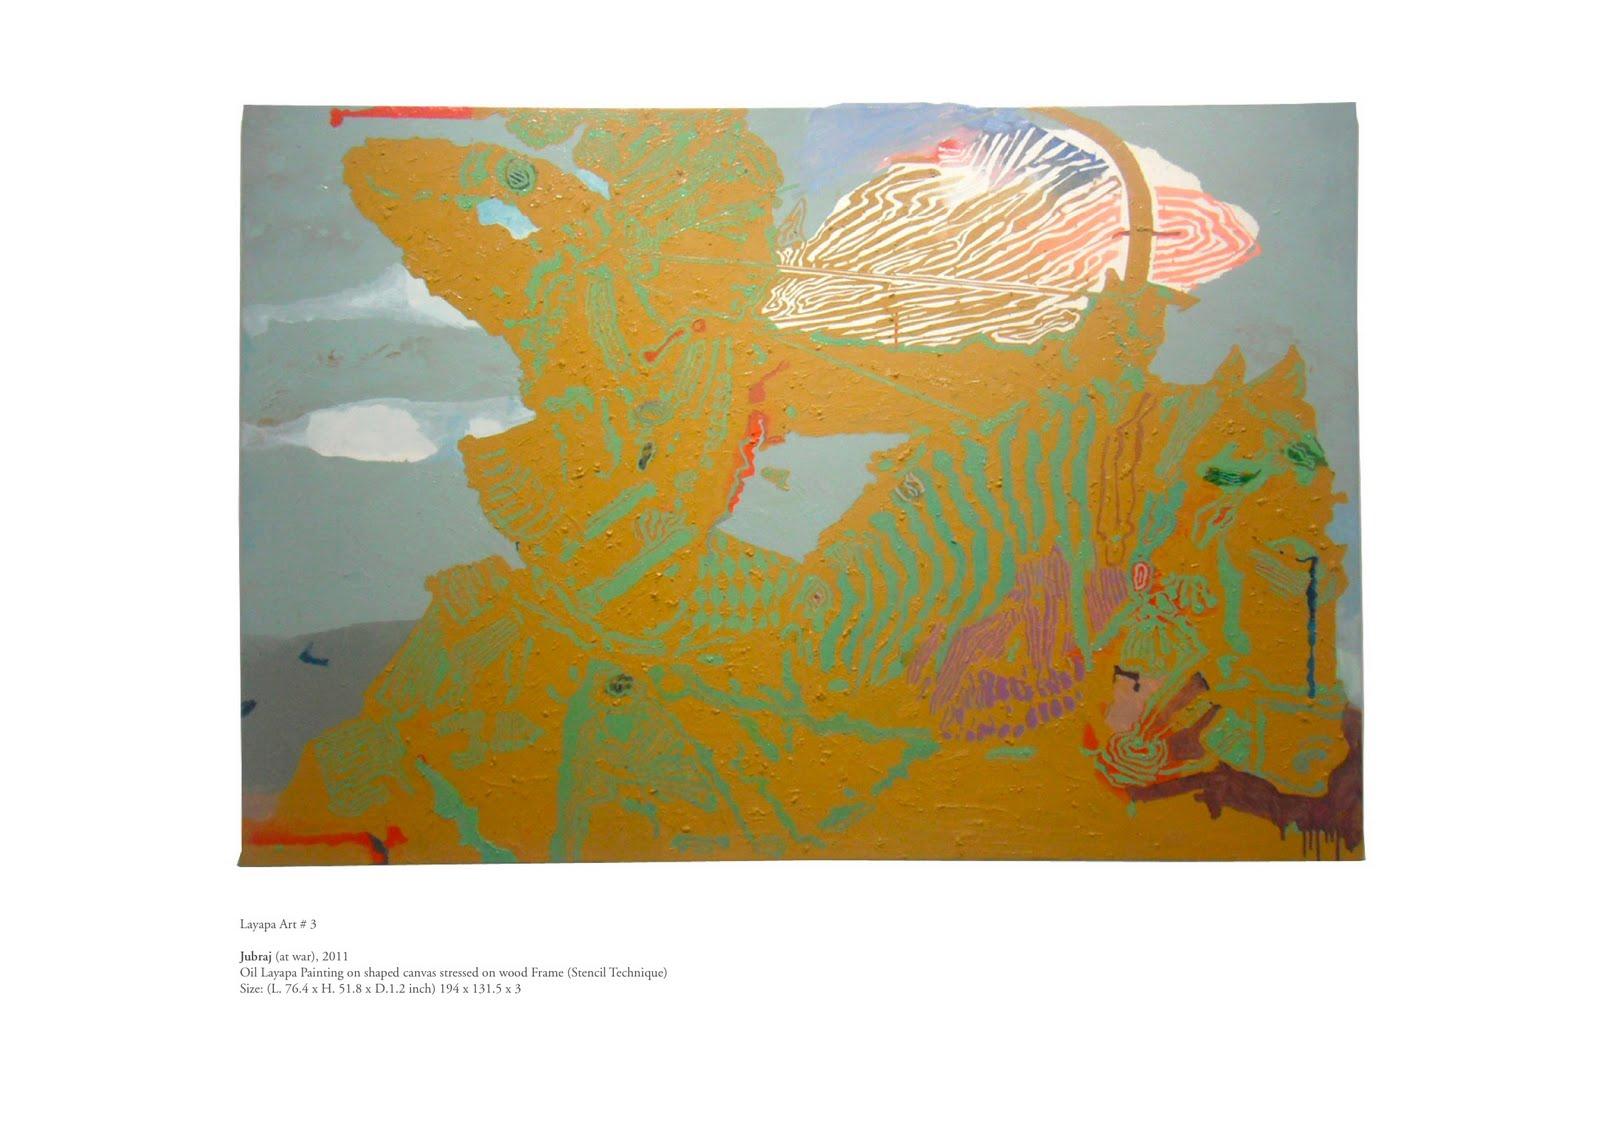 Layapa Stencil painting (Layapa Art)